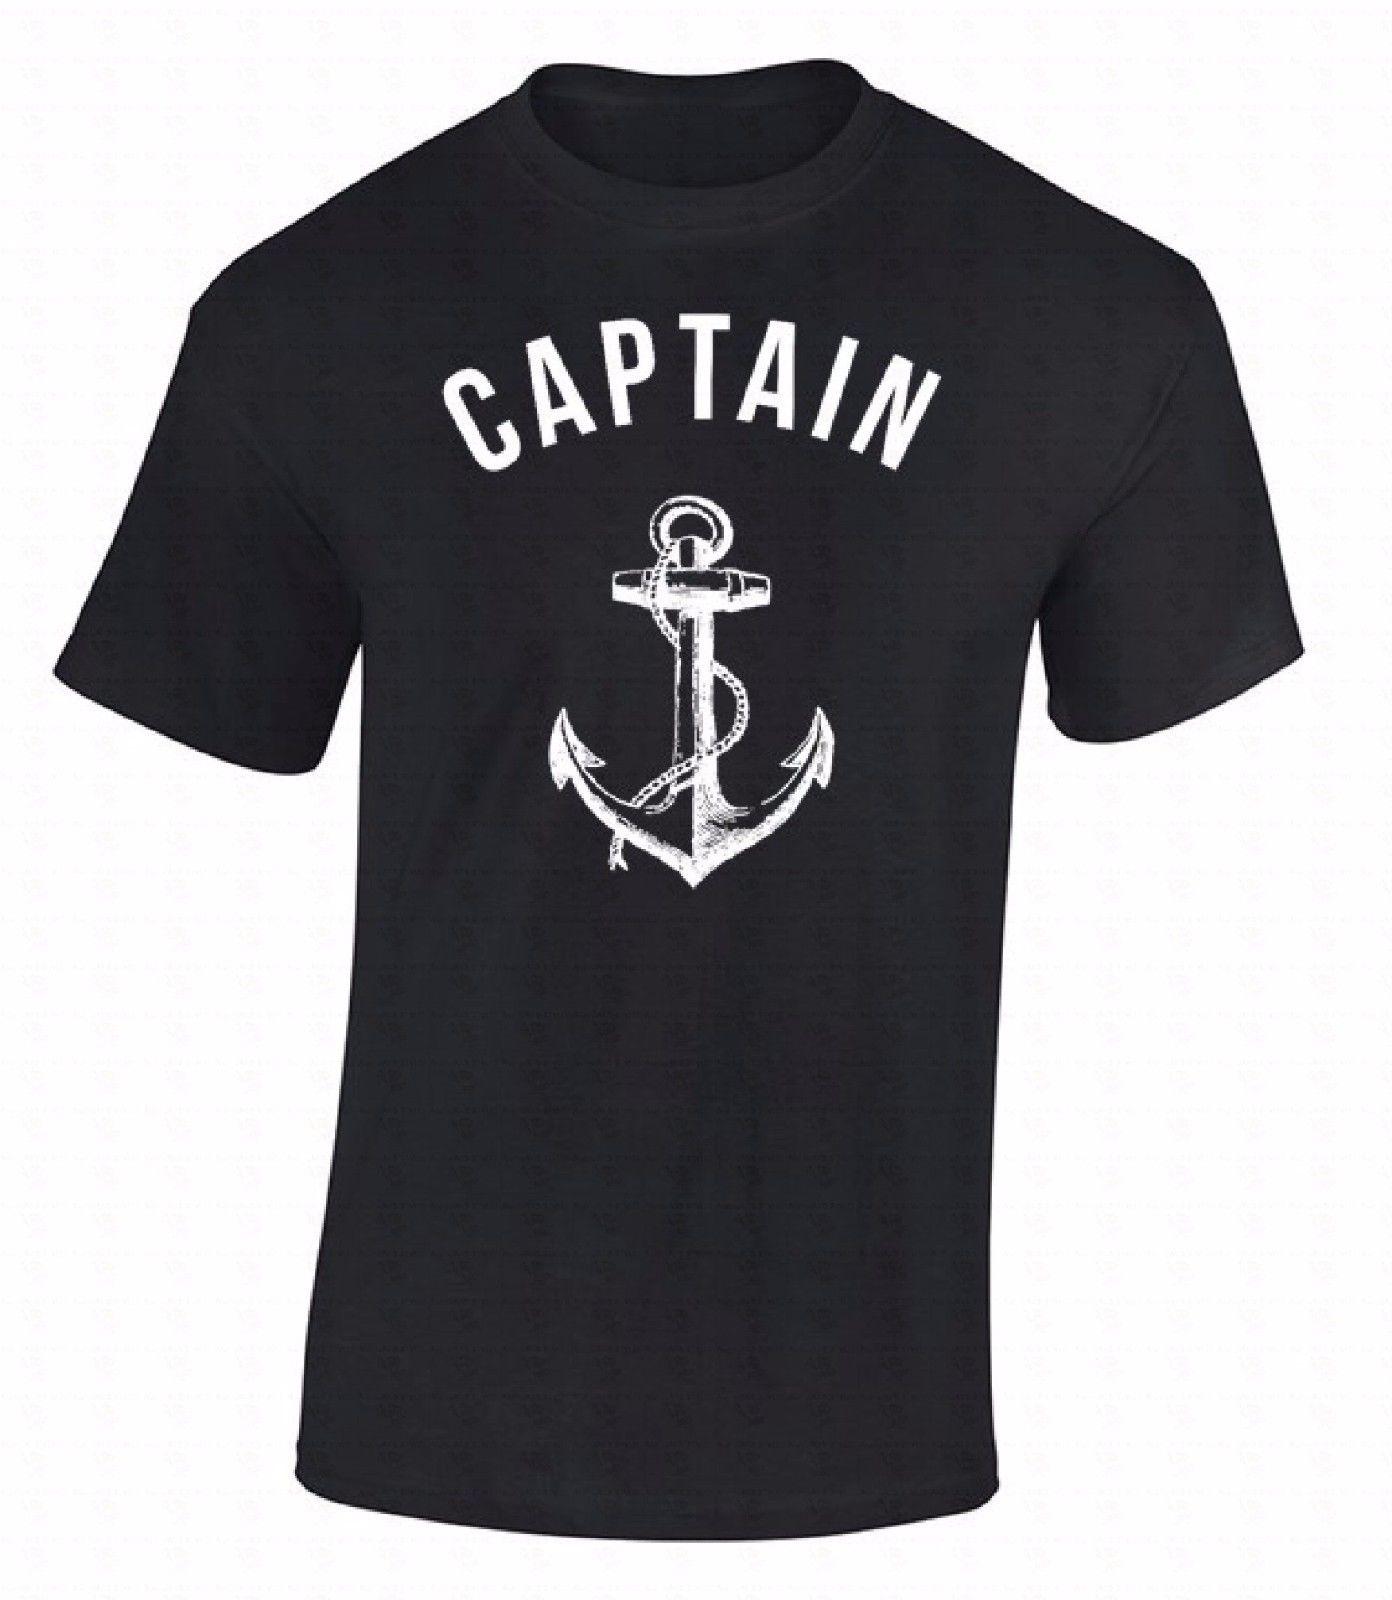 High Quality T-shirt Captain T-shirt Anchor Nautical Sea Sailor Ship Marine Fashion Cool Gift Shirt